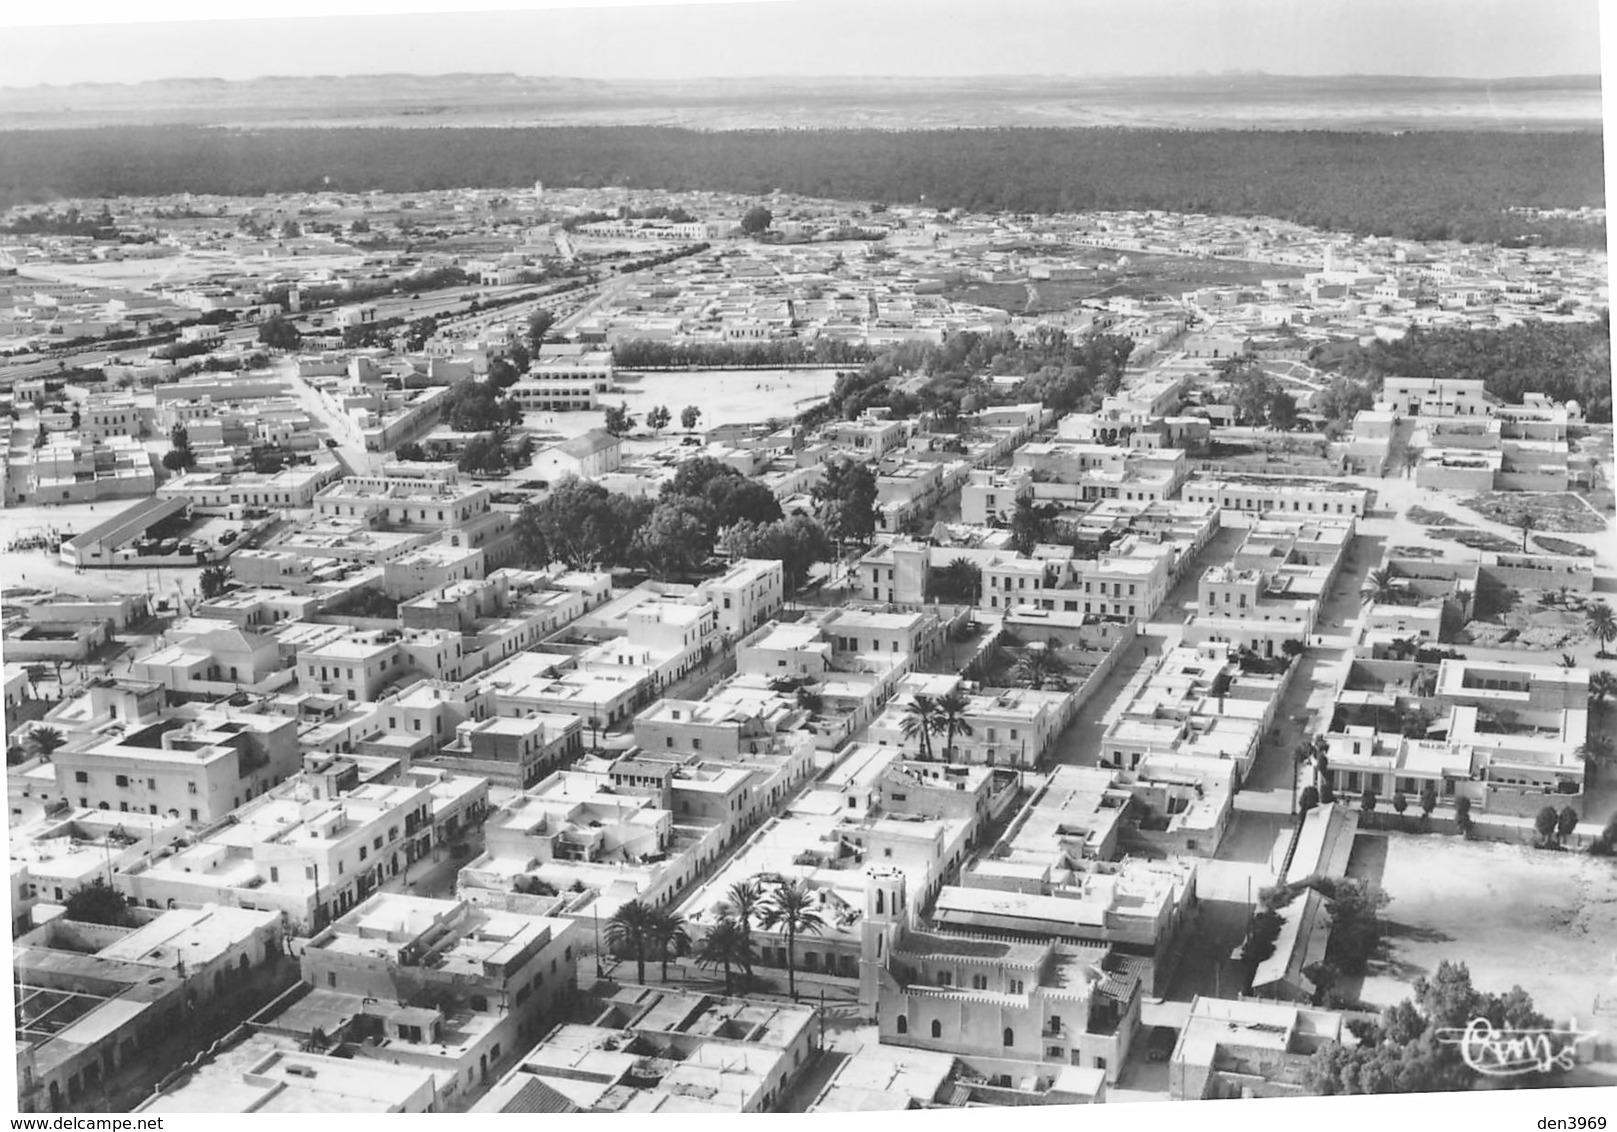 Tunisie - GABES - Vue Panoramique Aérienne - L'Eglise Armand Fallières - Collection Frendo - Tunesien